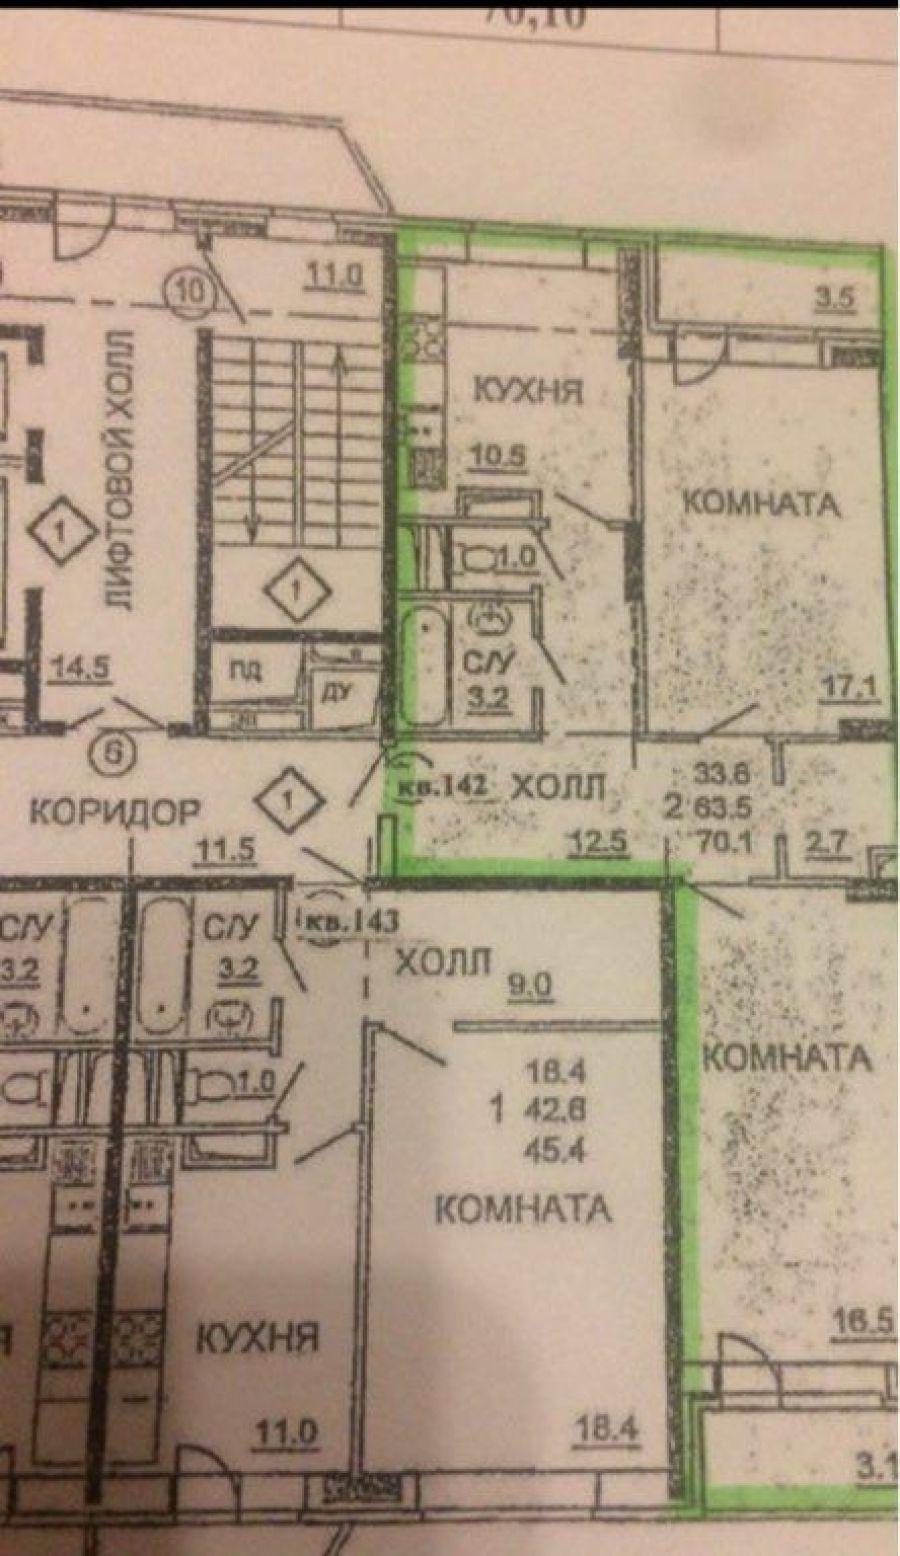 Продается 2-к квартира в Ивантеевке Центральный проезд 17, фото 2